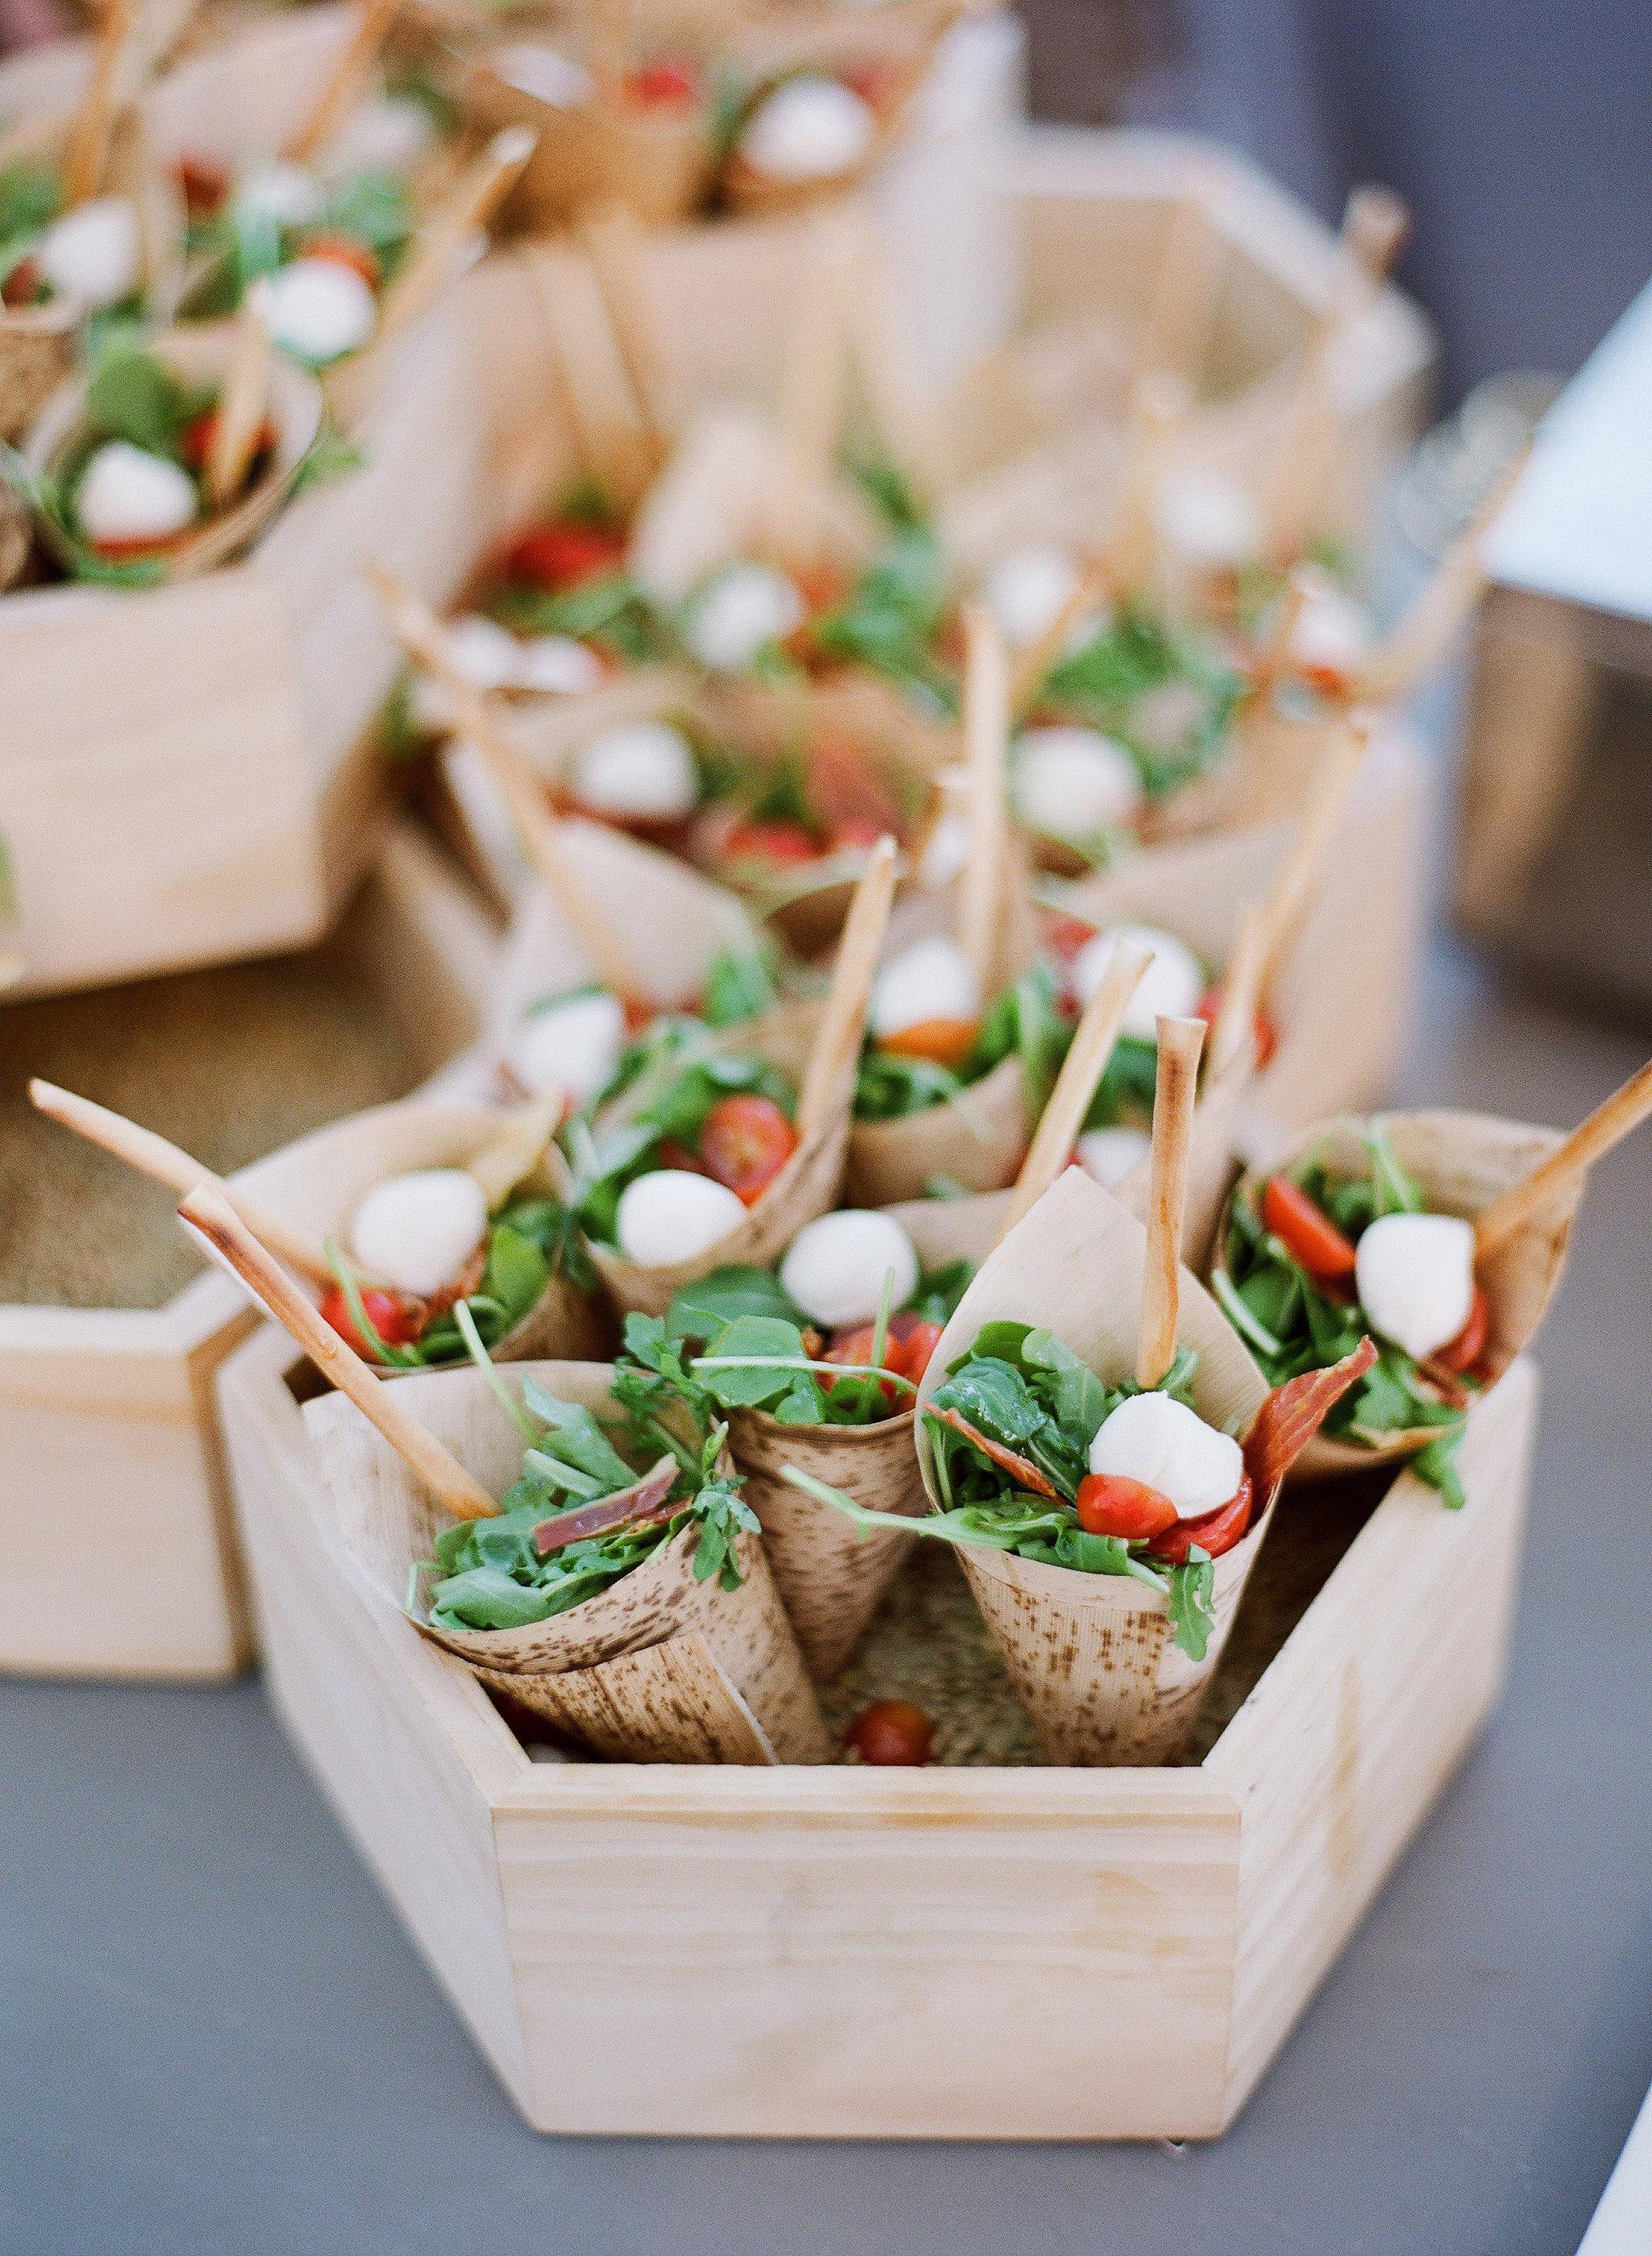 bessie john wedding food